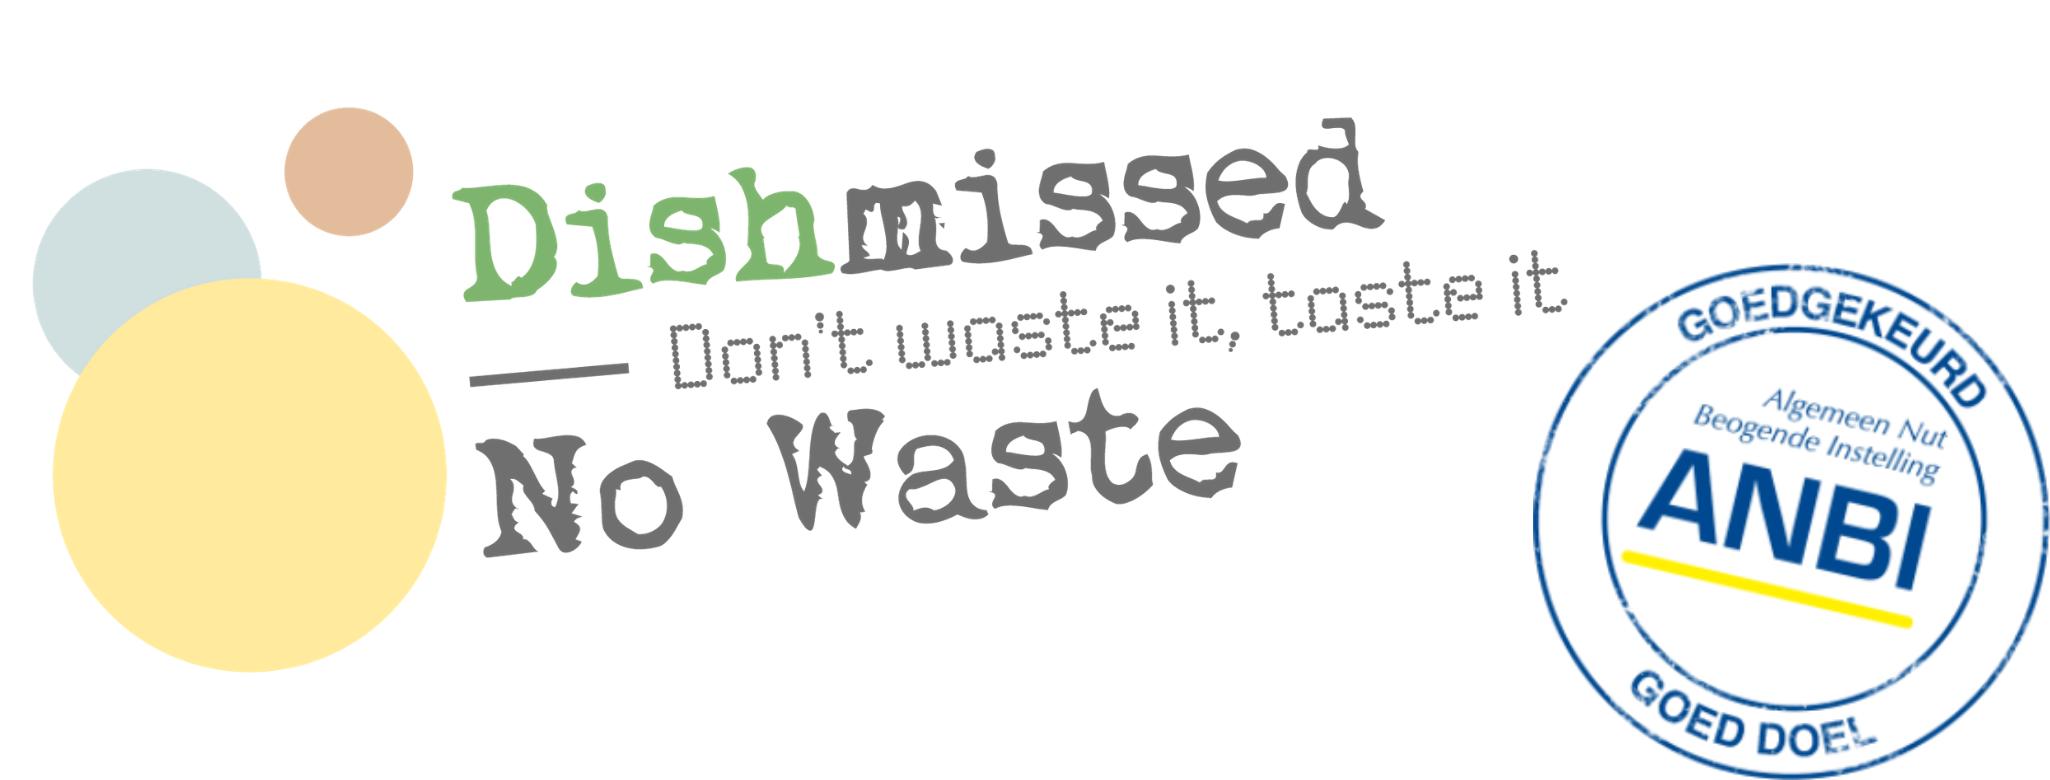 Stichting Dishmissed - No Waste